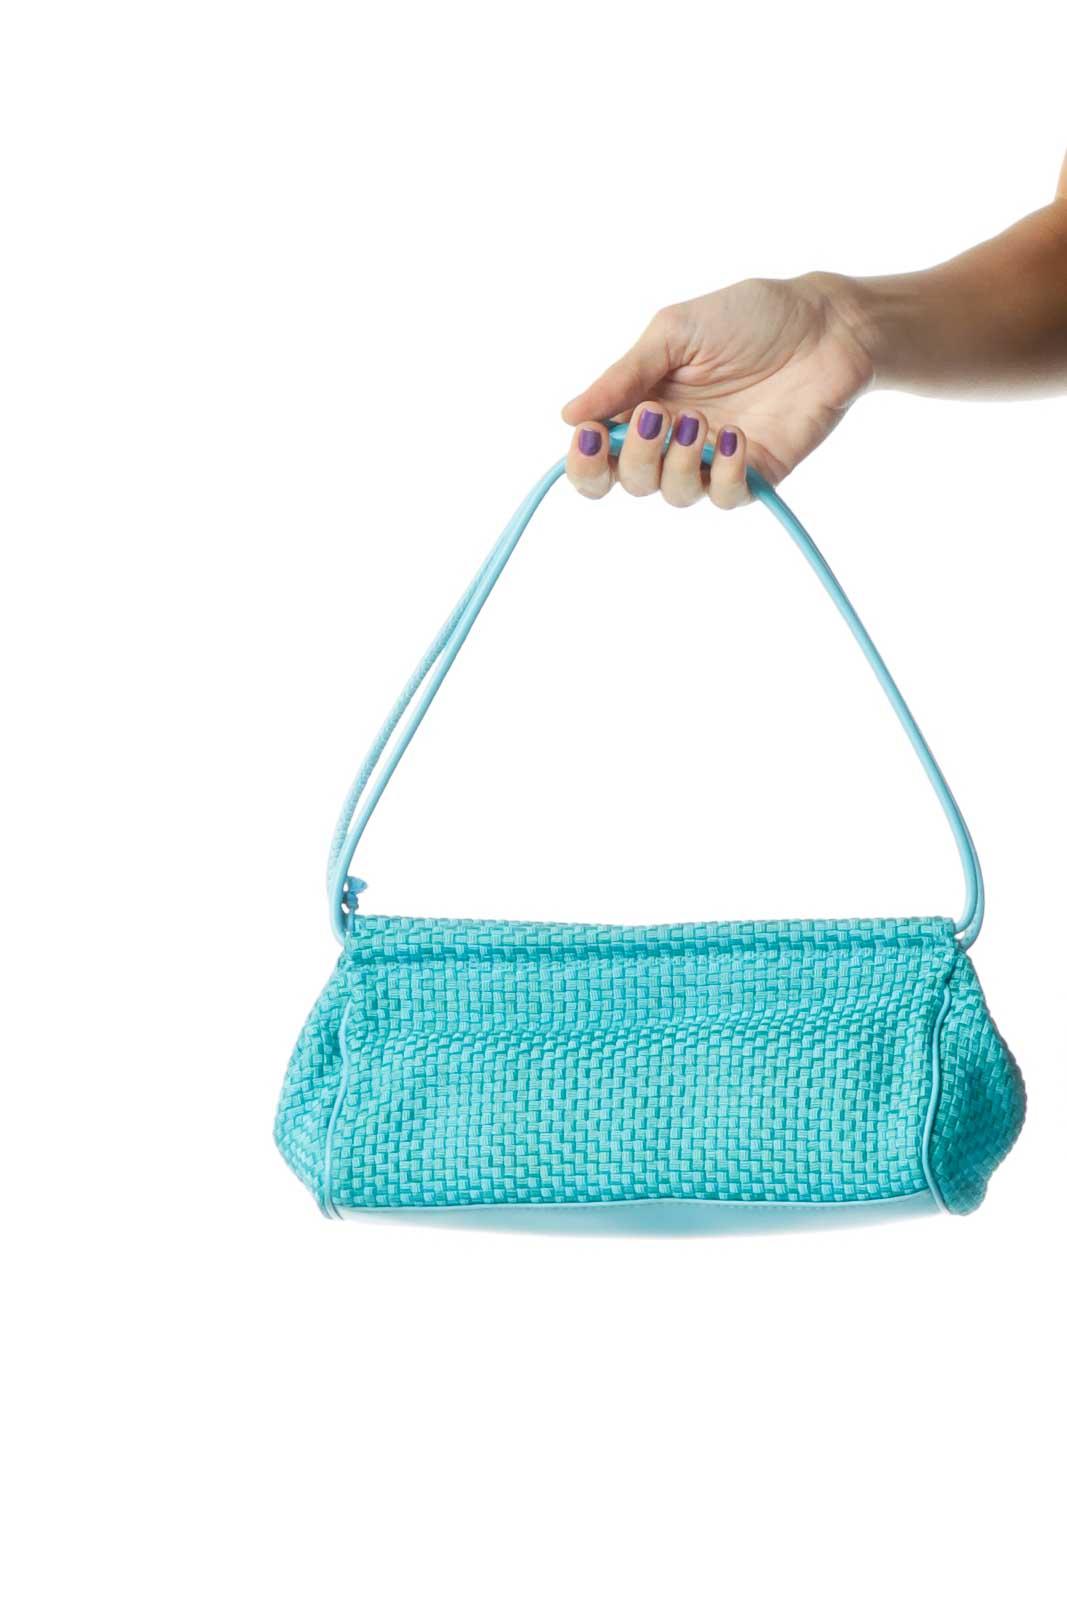 Teal Basket-Weave Shoulder Bag Front